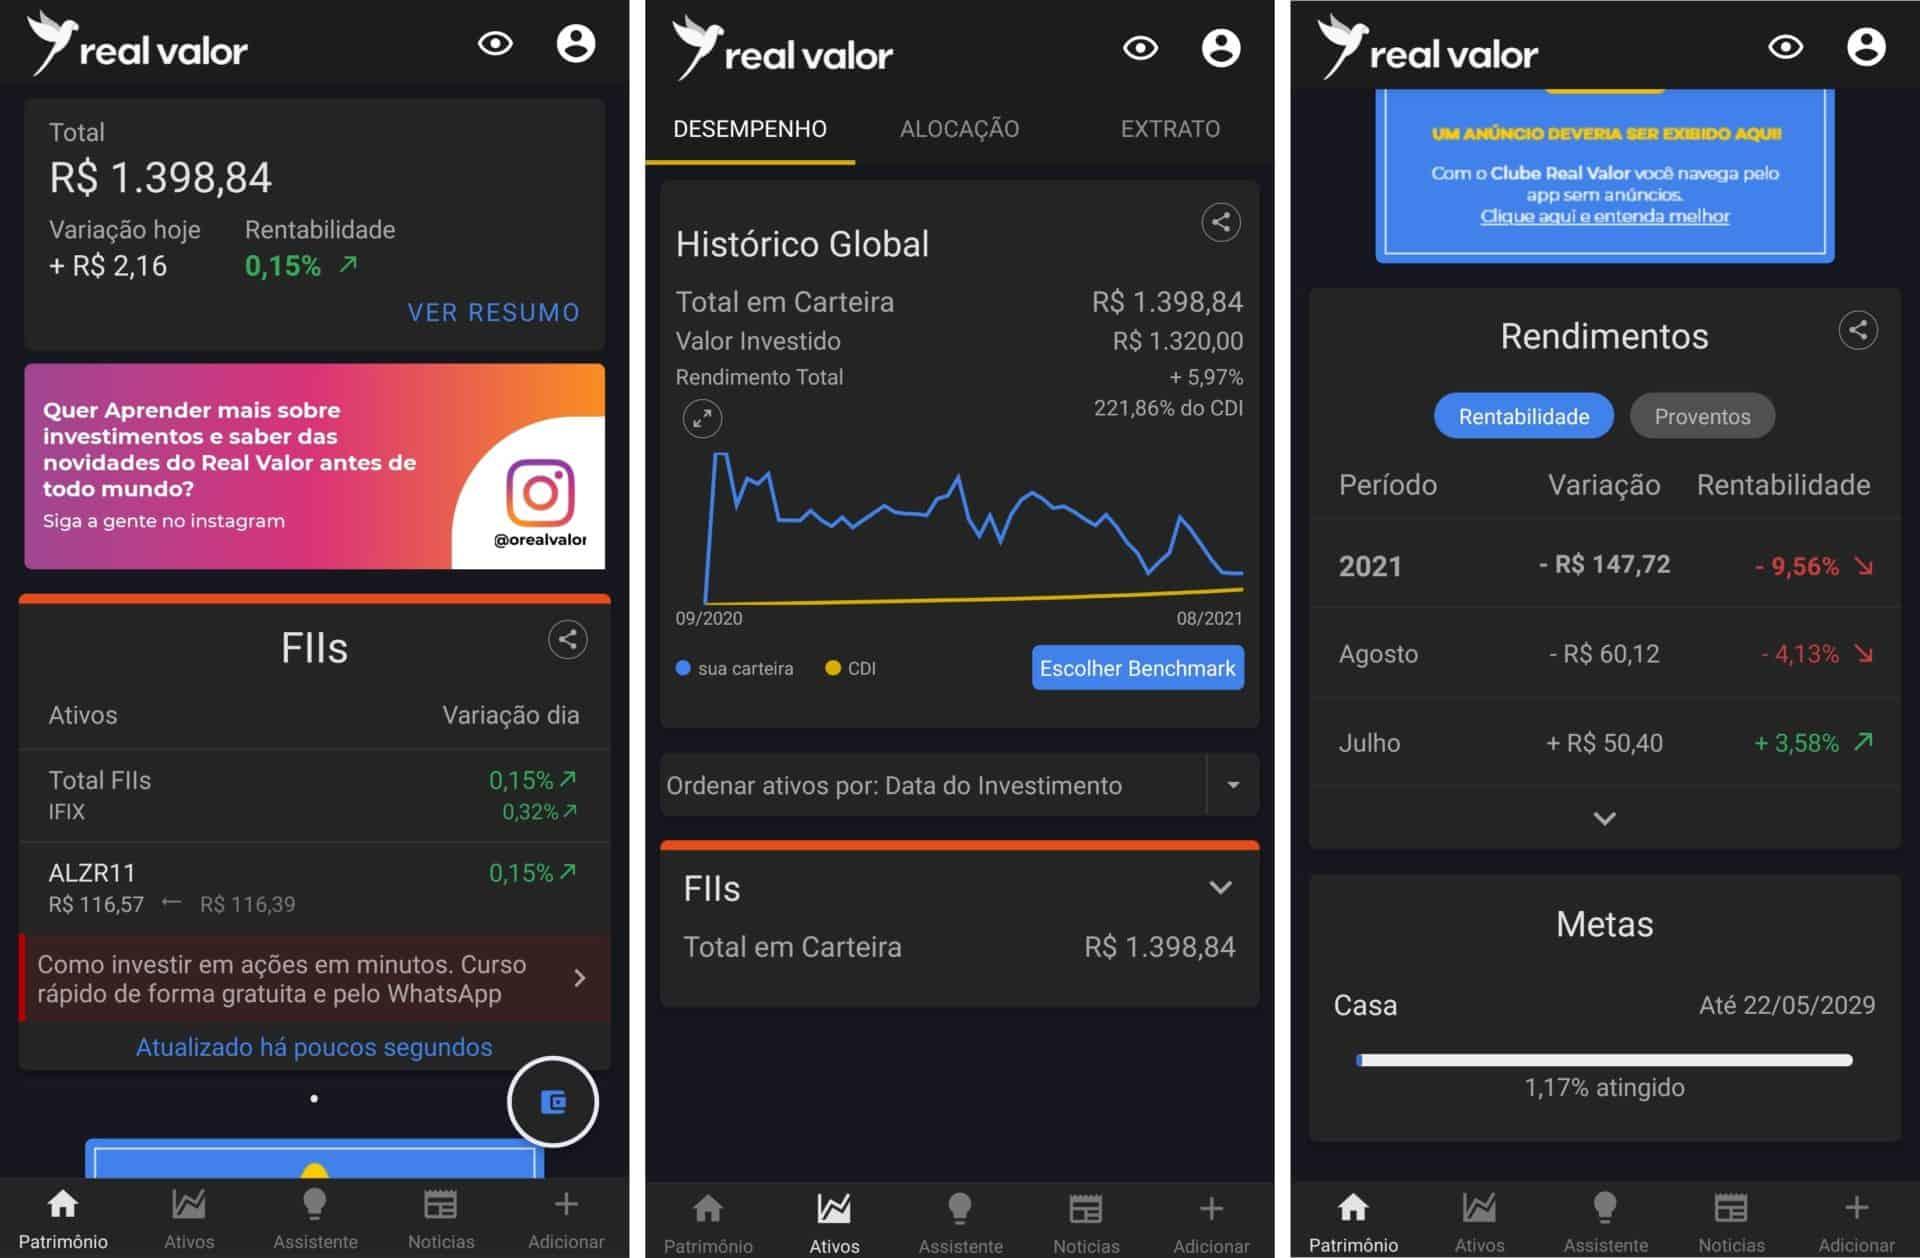 funcionalidades do app real valor